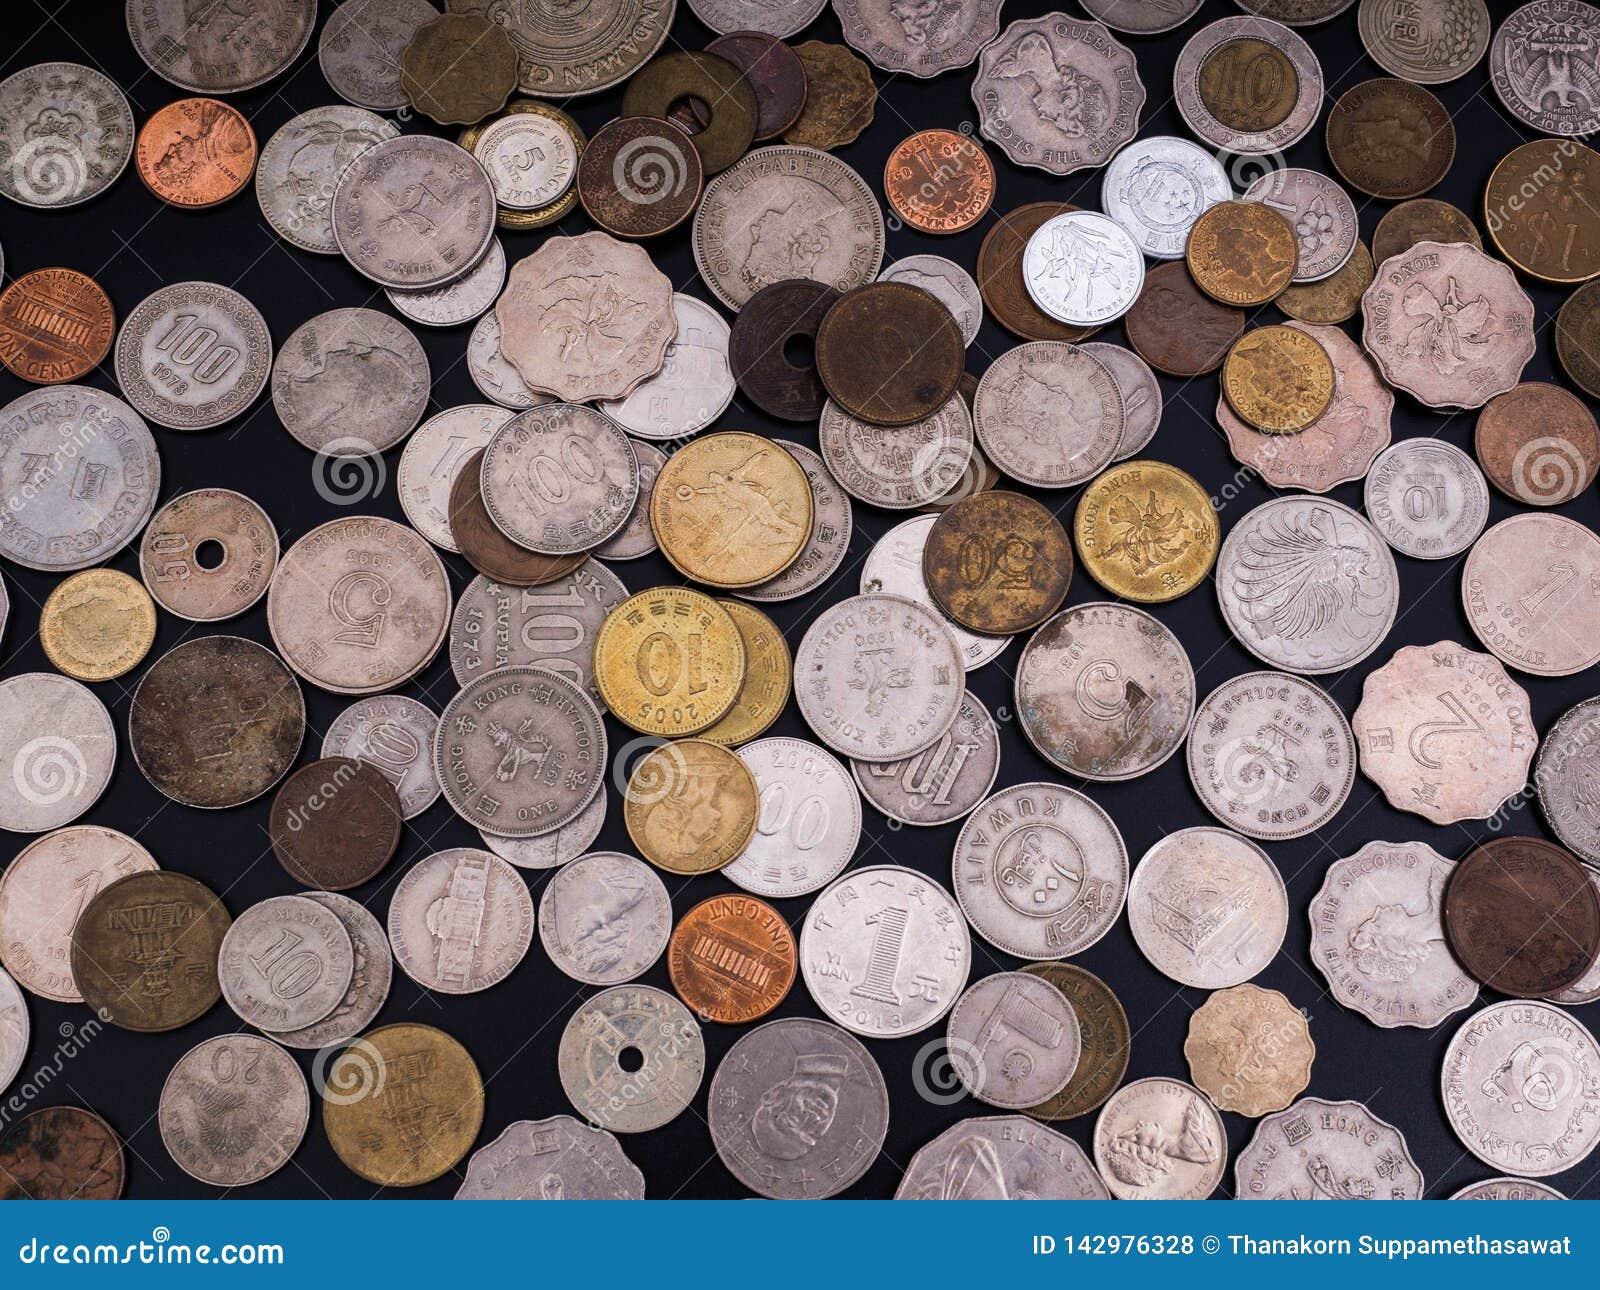 Mynt olika valutor på svart bakgrund